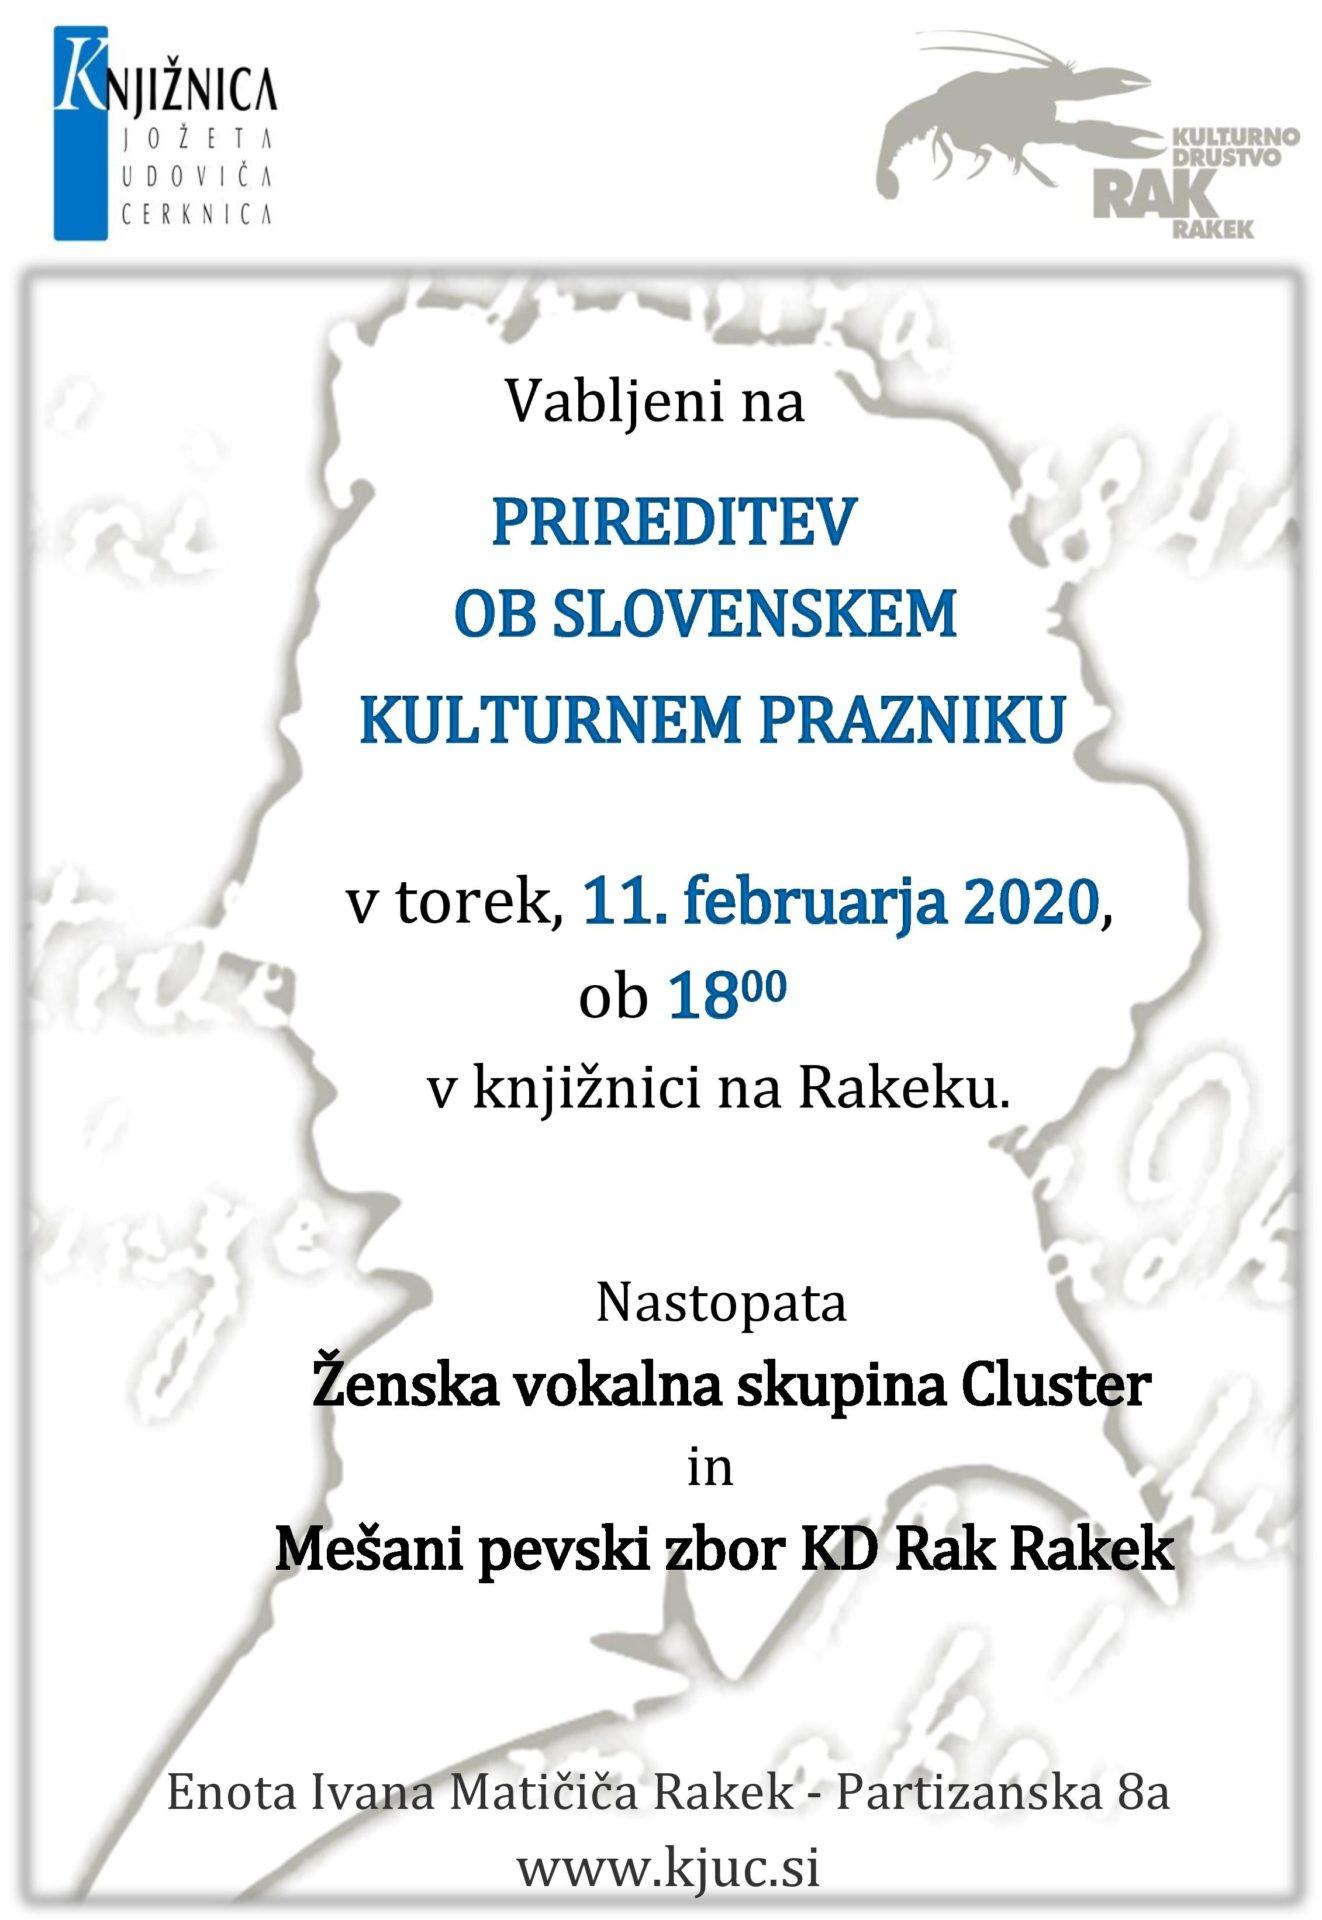 cover 3 - Prireditev ob slovenskem kulturnem prazniku